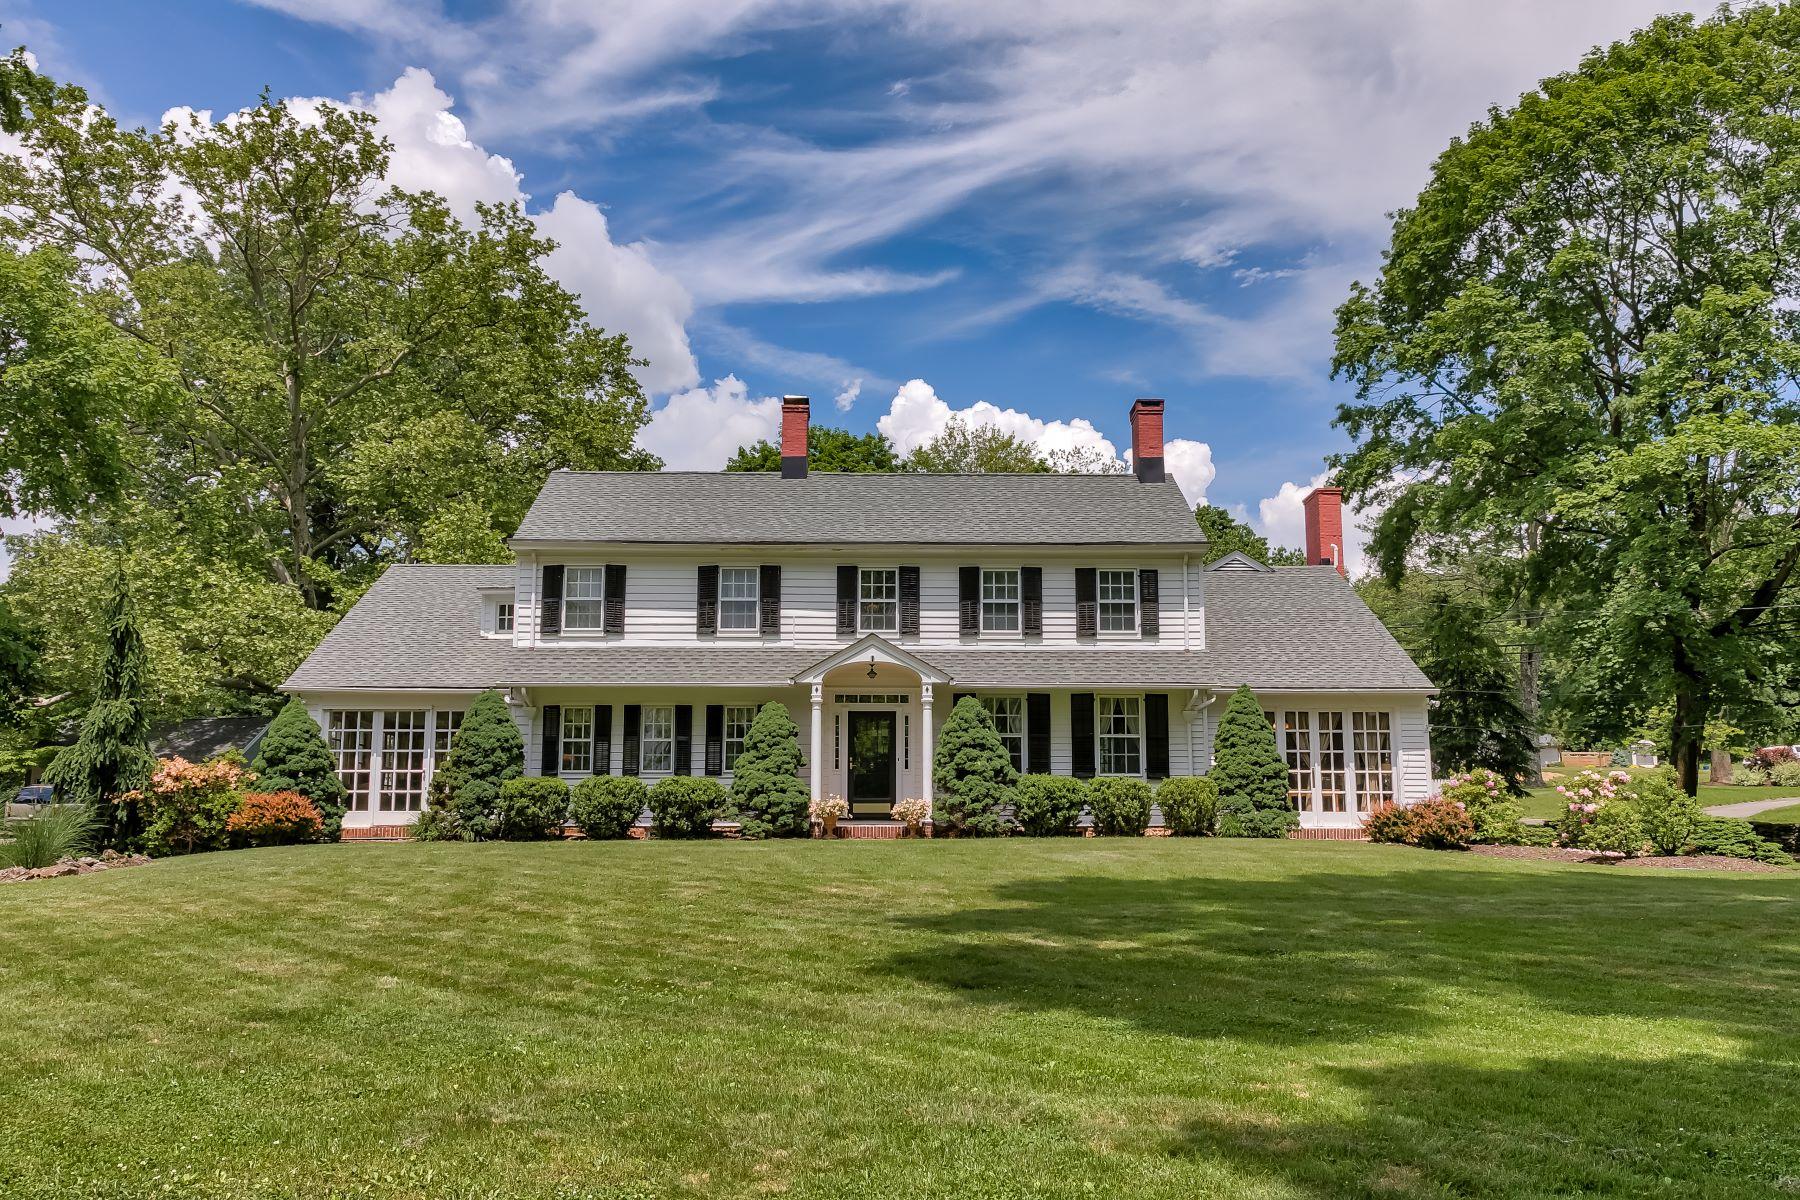 Maison unifamiliale pour l Vente à Stately Colonial 416 Foothill Road, Bridgewater, New Jersey 08807 États-Unis